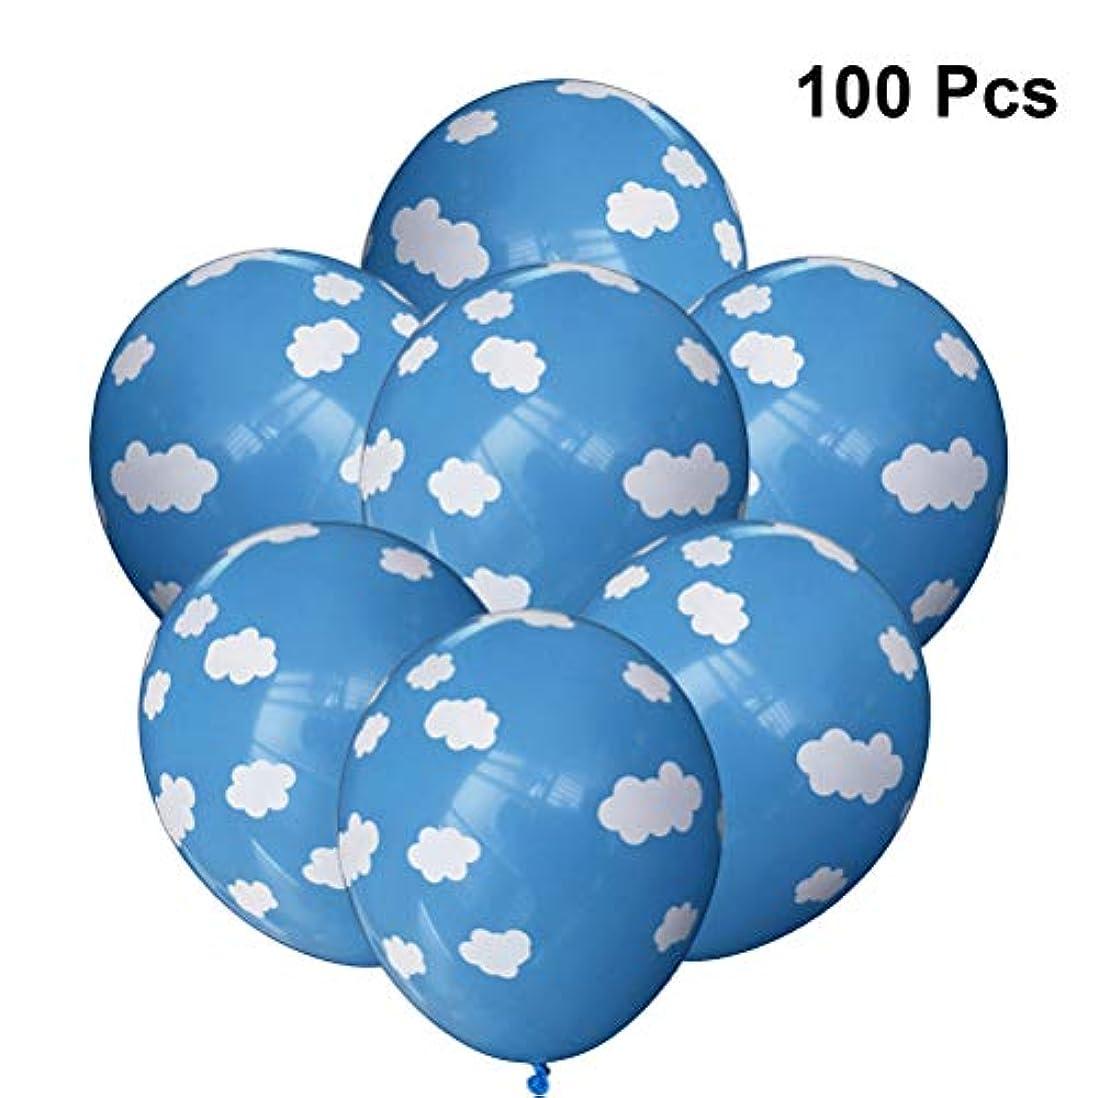 追い払う修理可能偉業LEDMOMO 100個バルーン空雲プリントラテックス風船パーティー結婚式の装飾12インチ(ブルー)